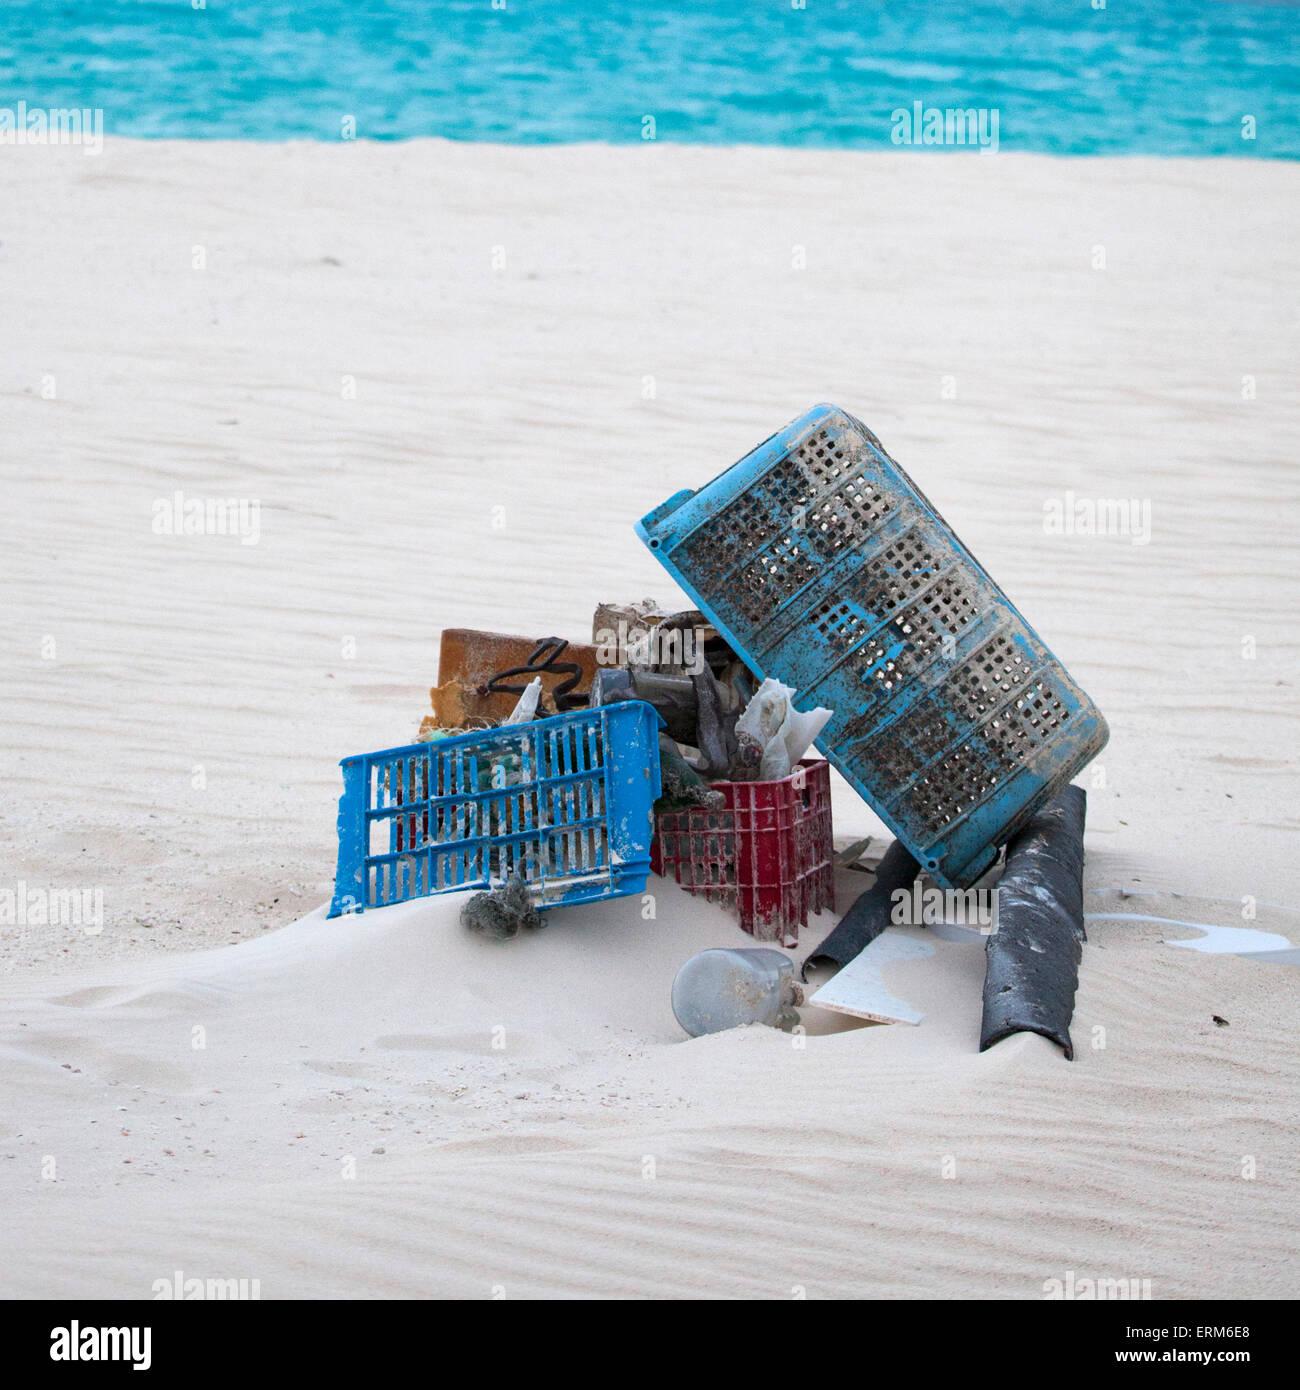 Los desechos marinos de plástico recolectadas de playa para envíos fuera de la isla y la eliminación. Foto de stock